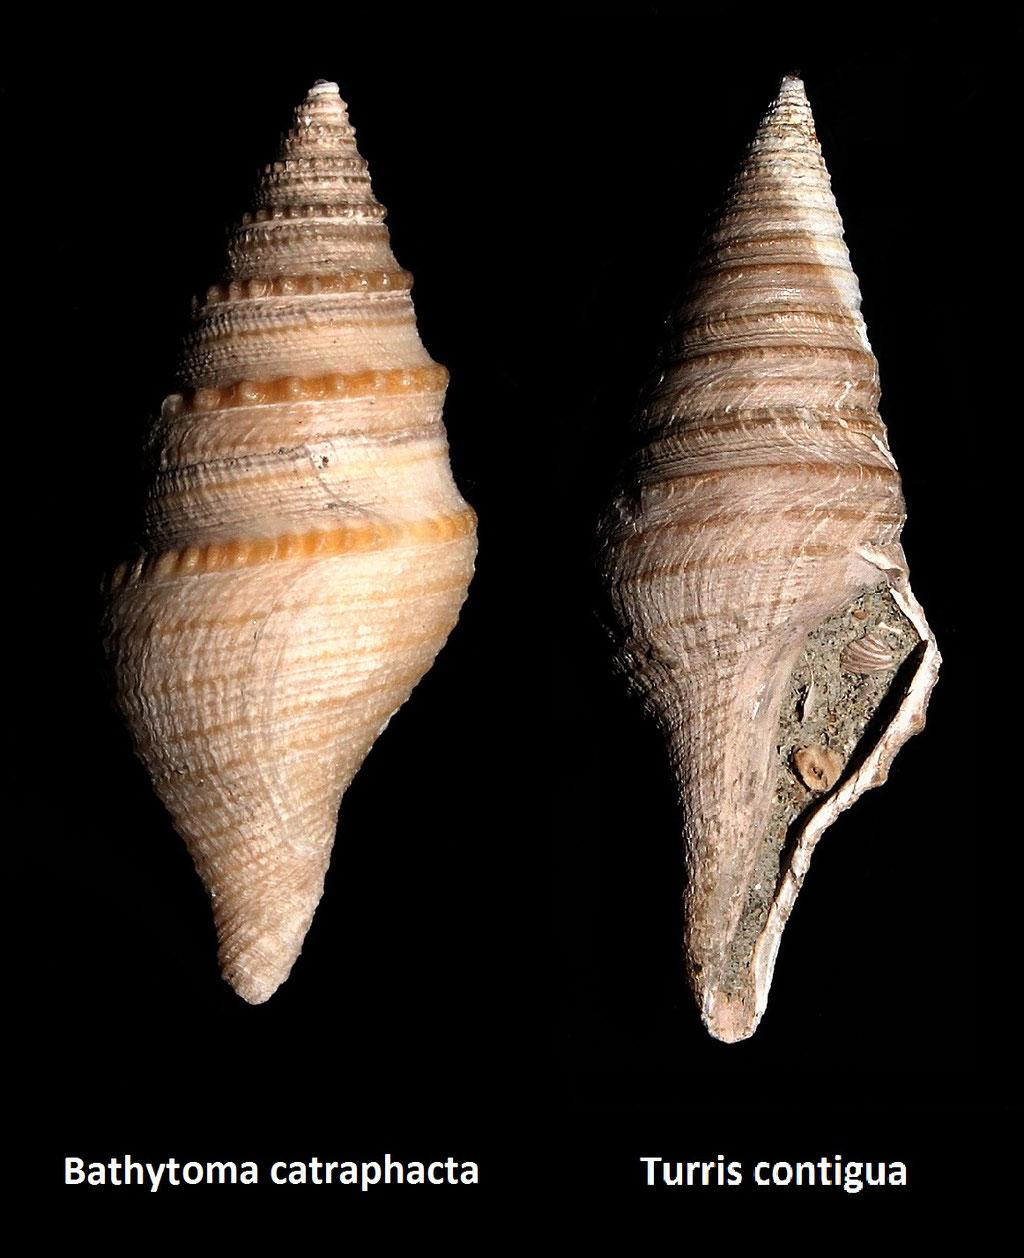 Differenza tra B. cataphracta e T. contigua (entrambe da Vignola (MO))